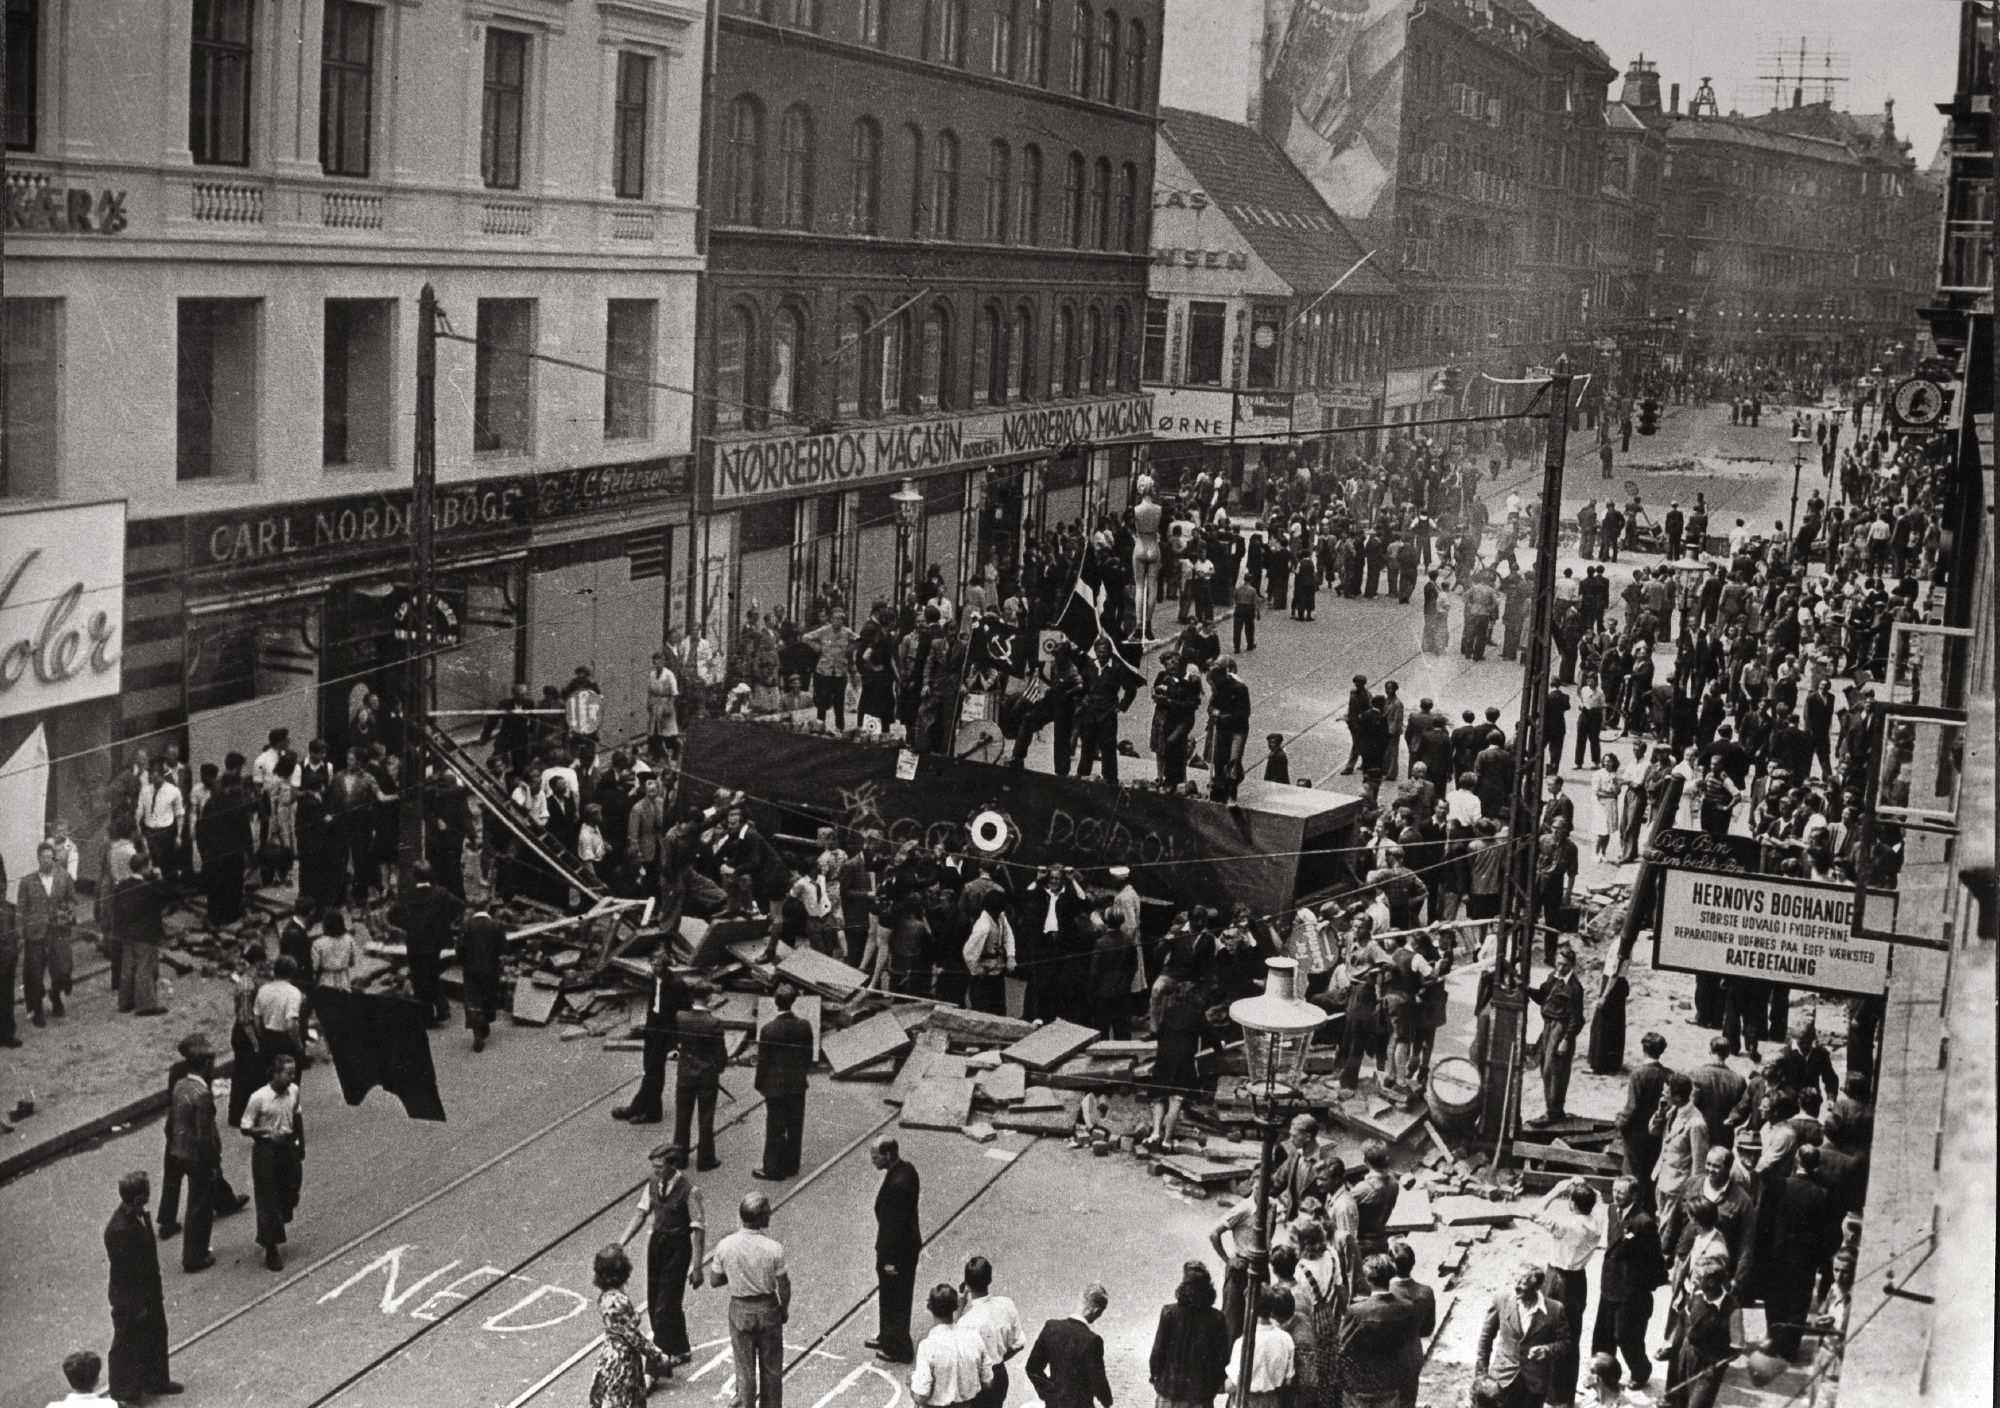 Den store barrikade på Nørrebrogade i København under folkestrejken i 1944. Foto: Nationalmuseet, Danmark. (CC BY-SA 2.0).